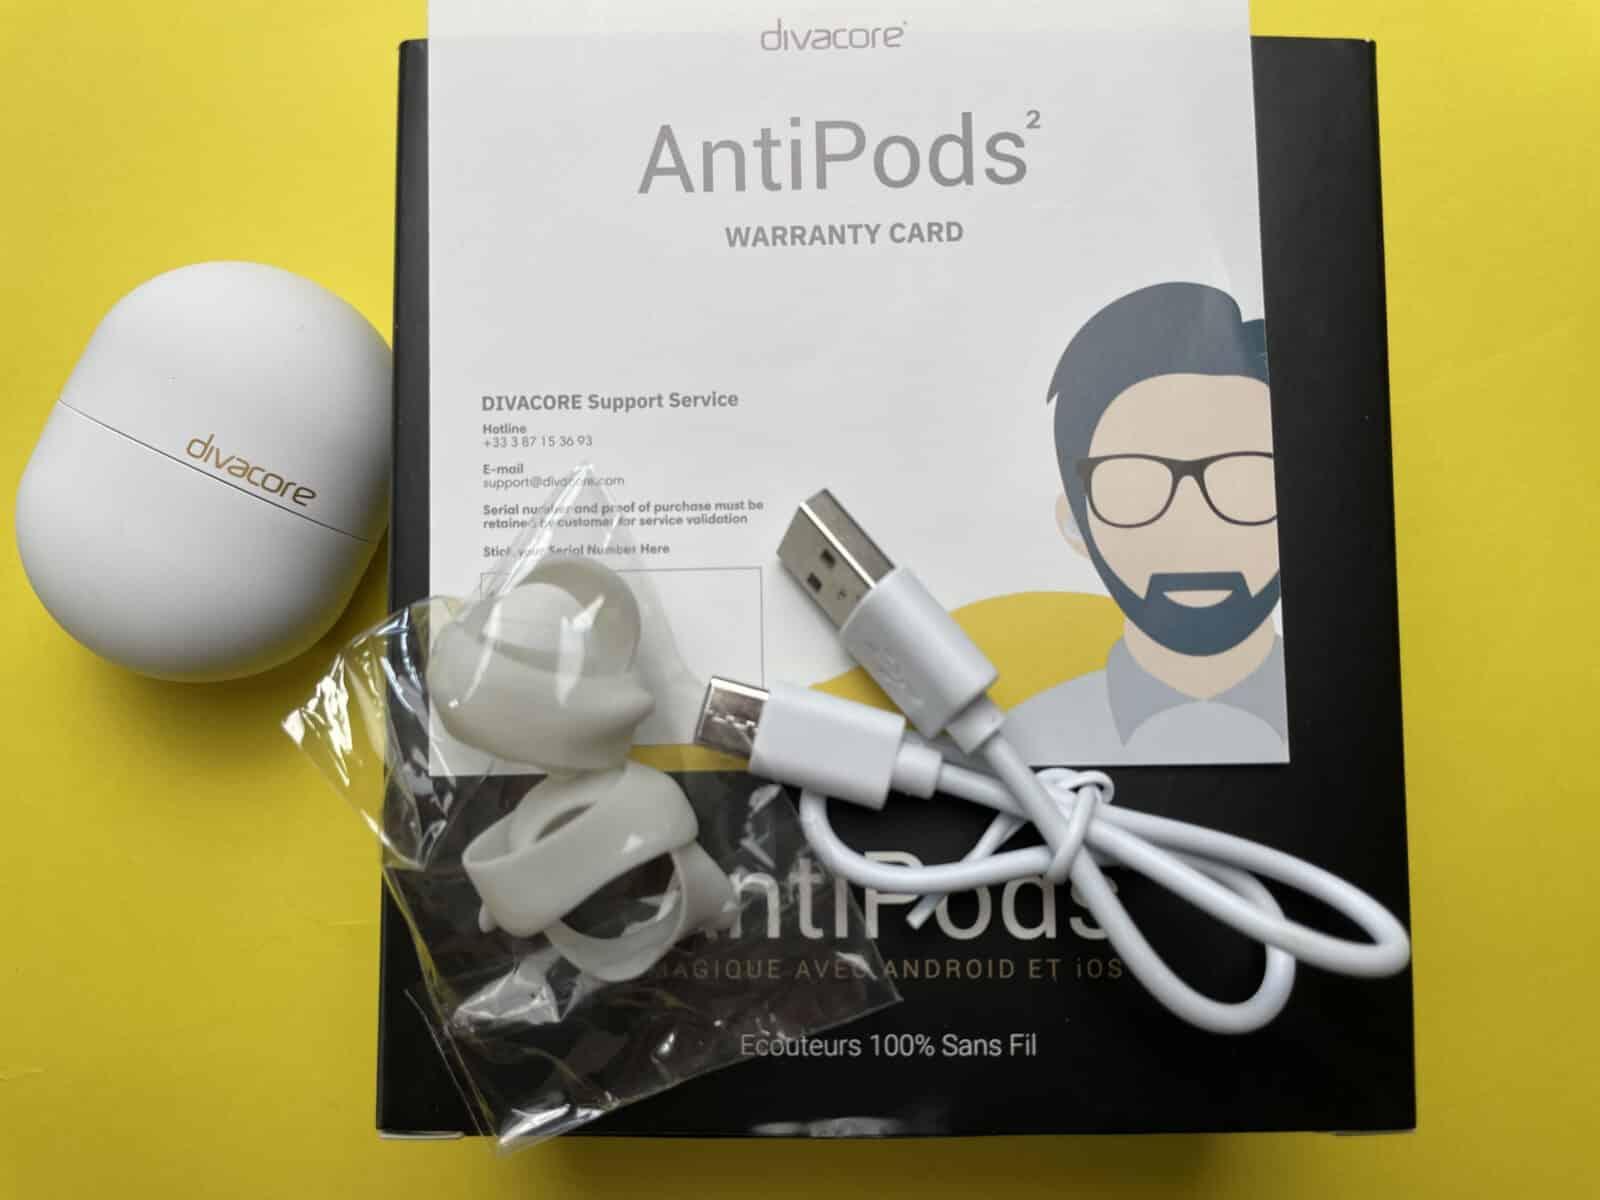 Accessoires avec les AntiPods 2